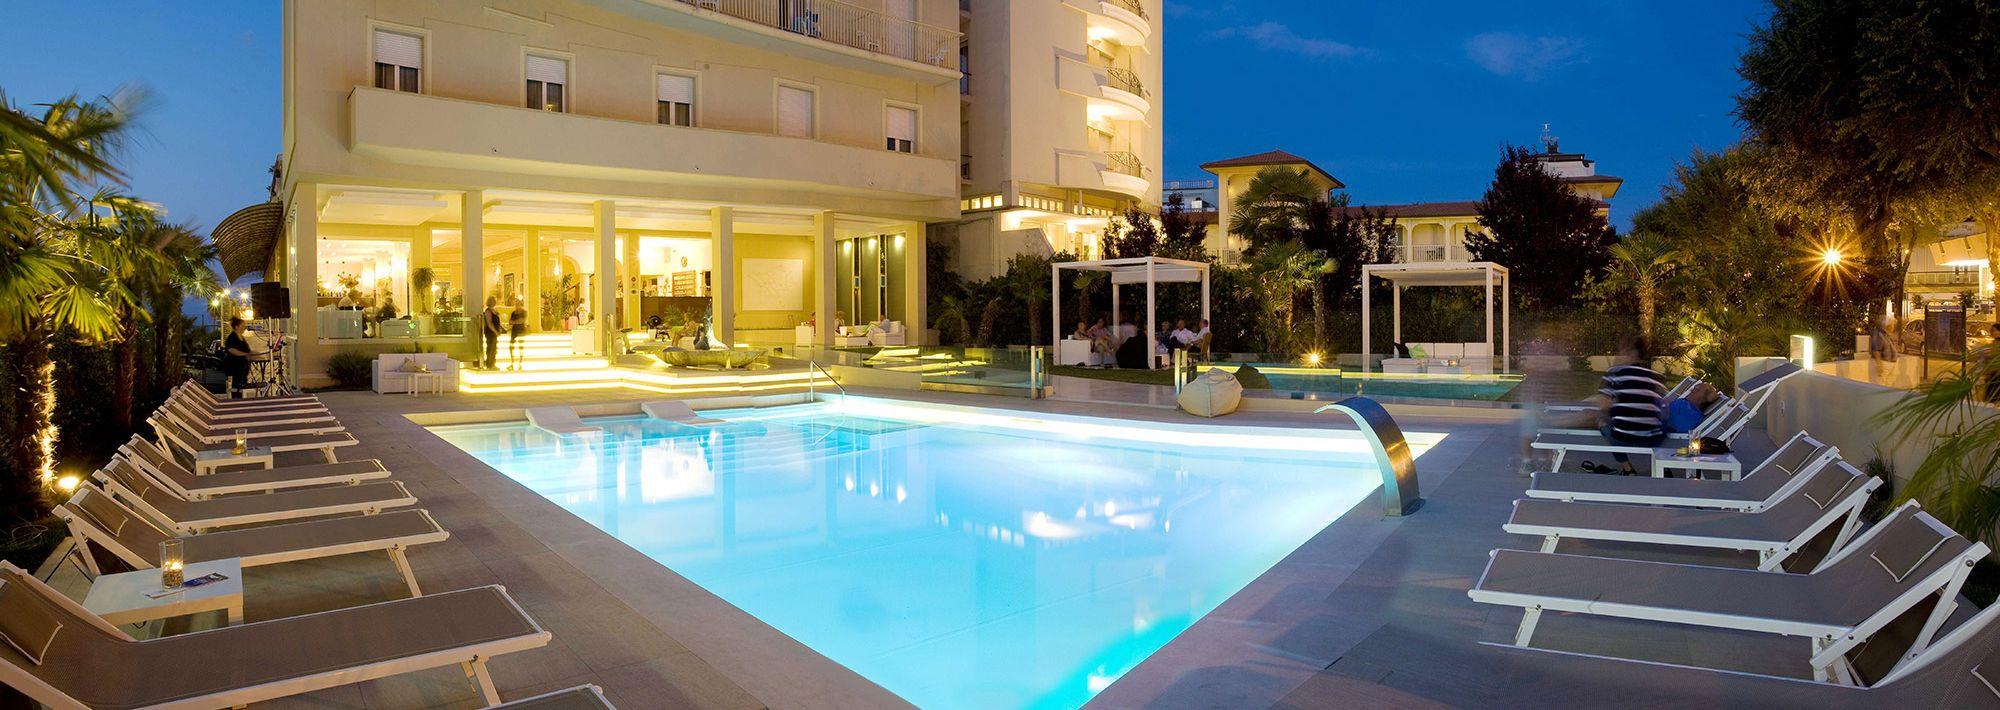 Hotel con piscina sempre esposta al sole a cattolica for Hotel con piscina